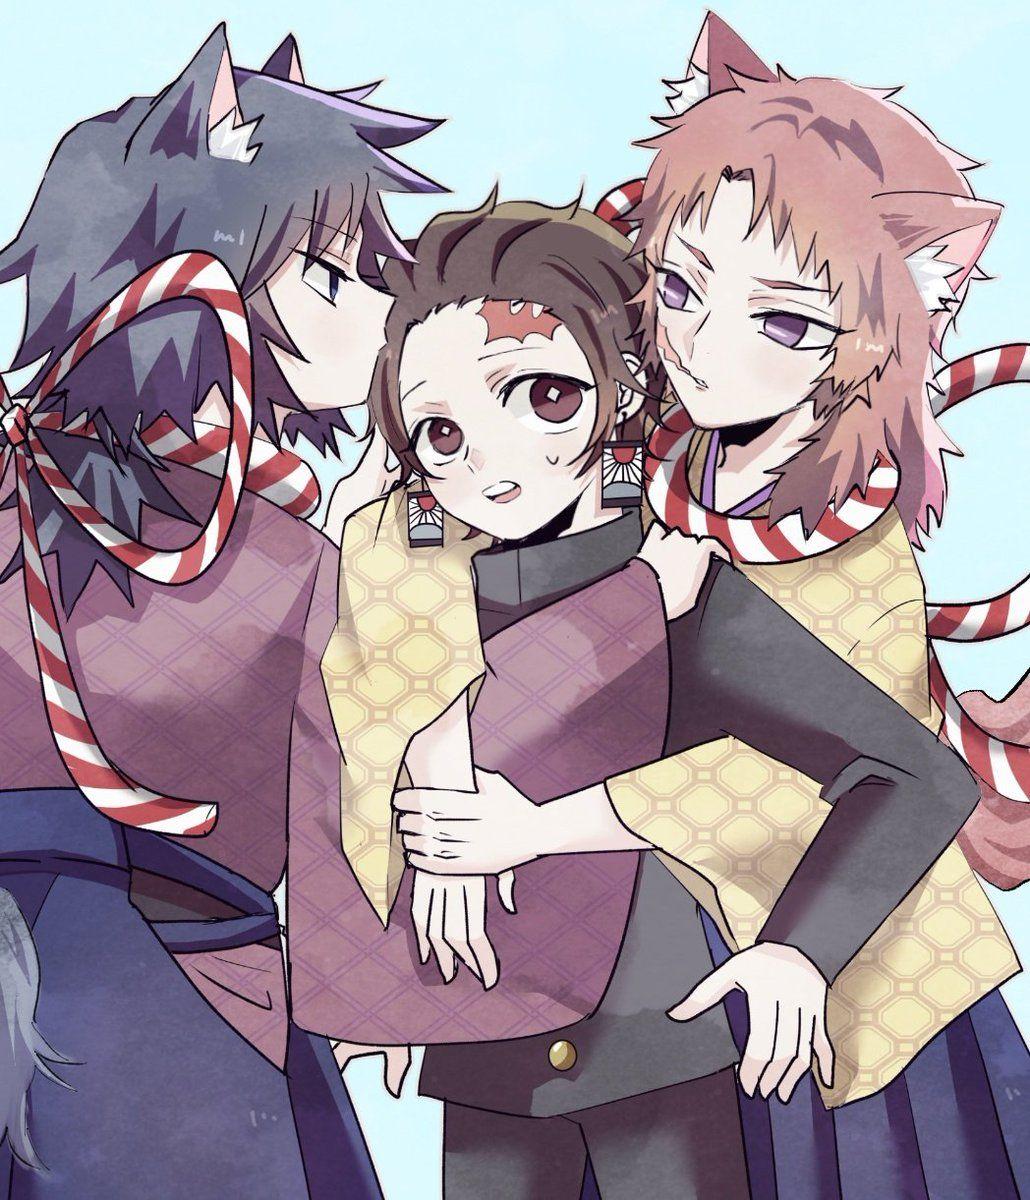 錆炭 のtwitter検索結果 yahoo リアルタイム検索 anime demon anime chibi slayer anime